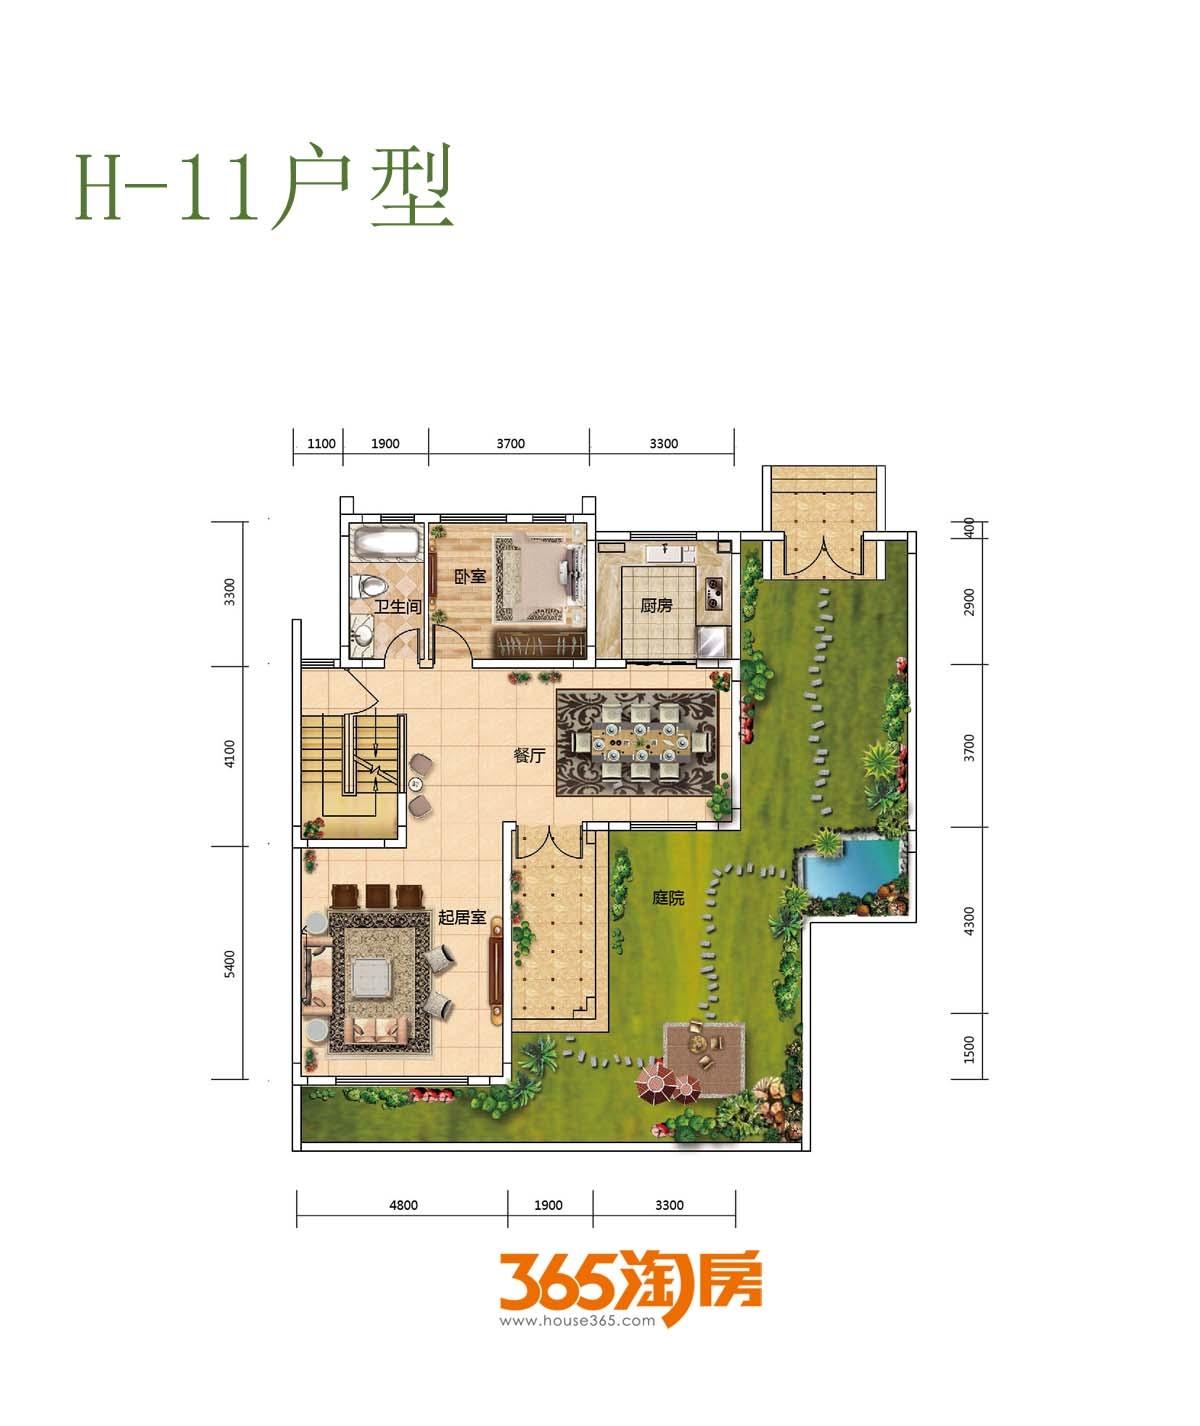 中国院子万振紫蓬湾H-11户型